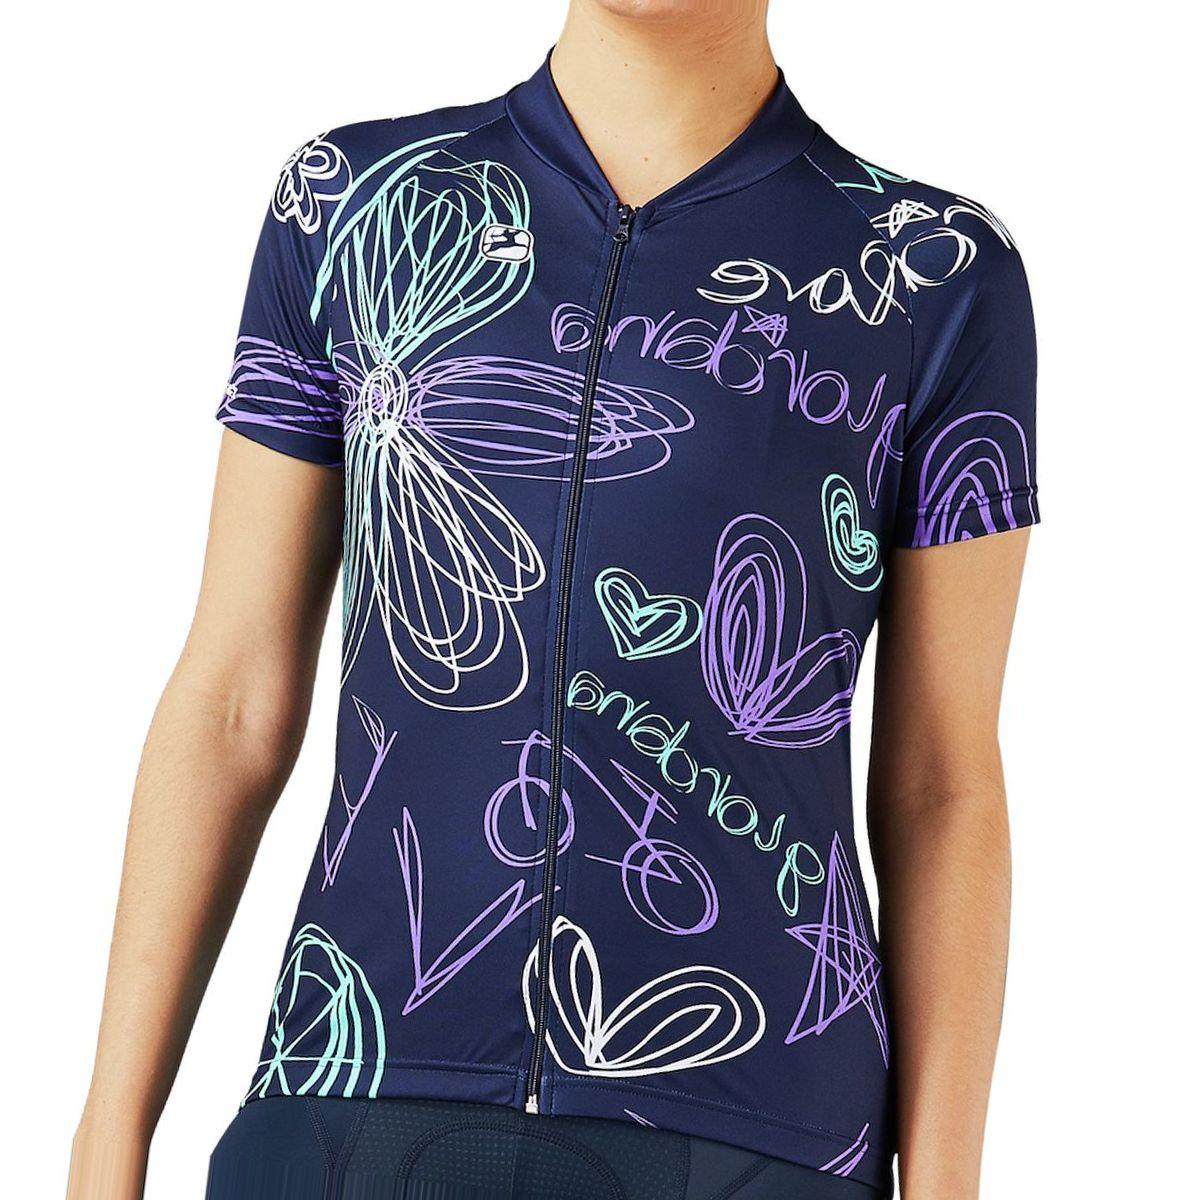 Giordana Moda Arts Short-Sleeve Jersey - Women's